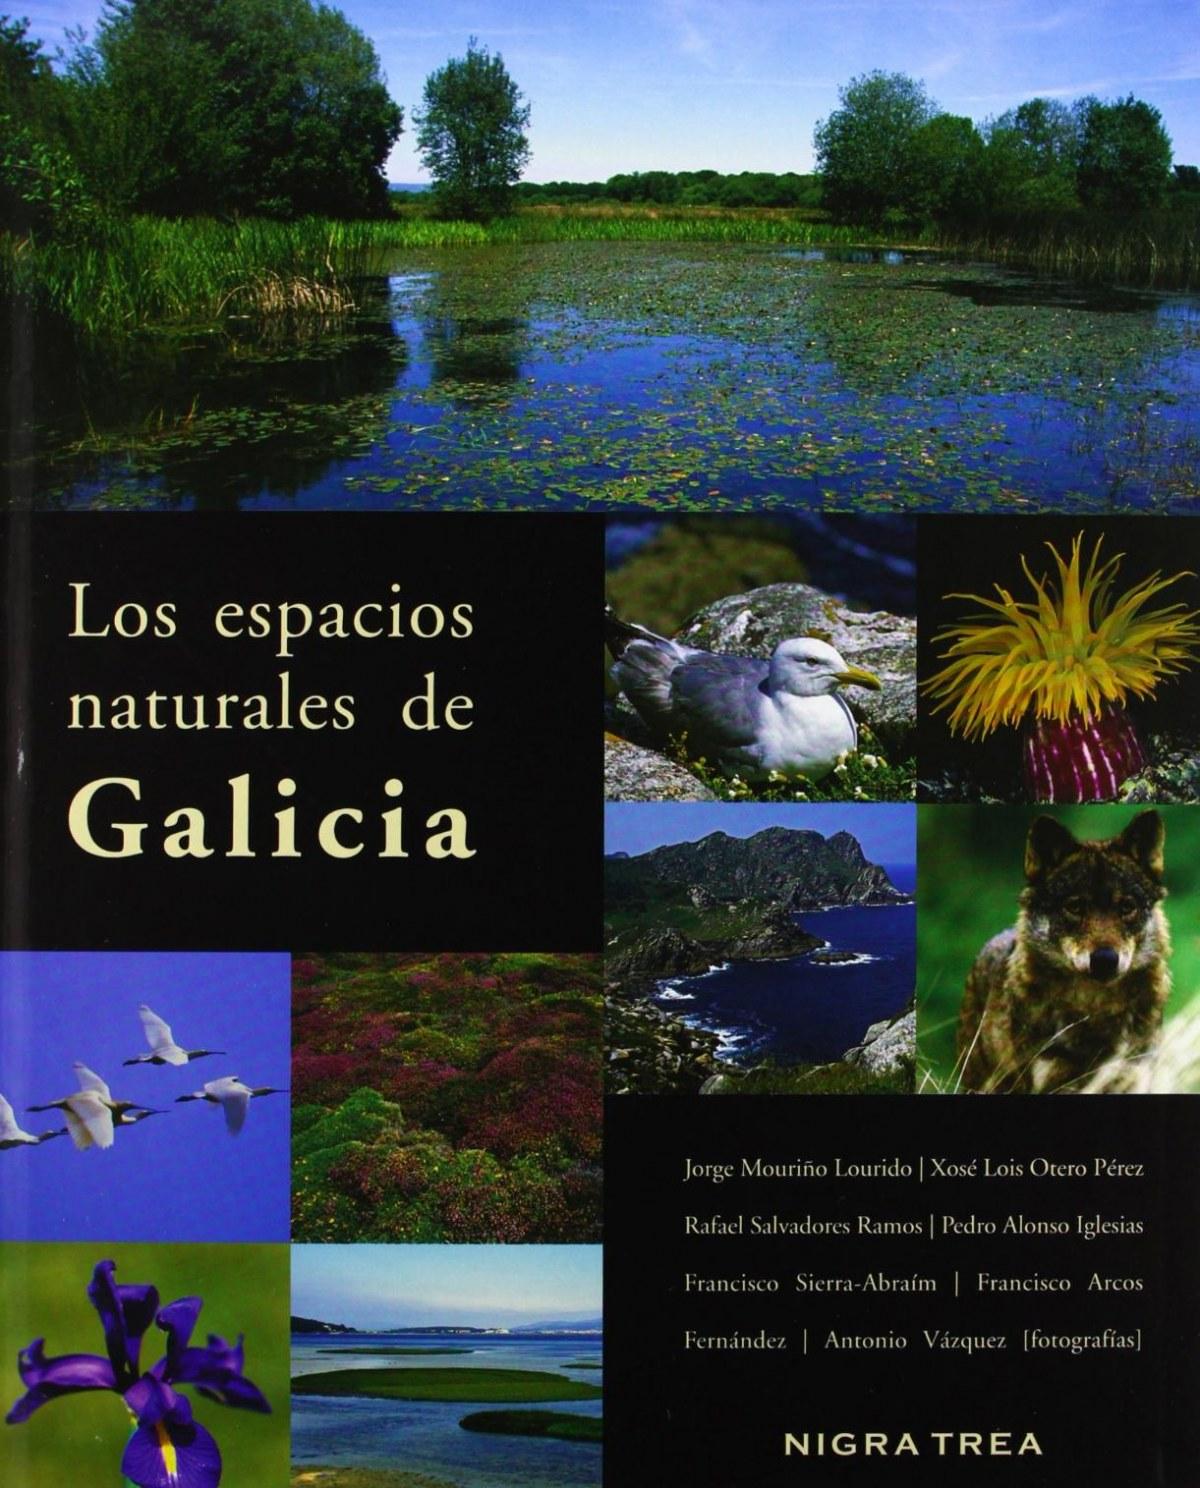 LOS ESPACIOS NATURALES DE GALICIA